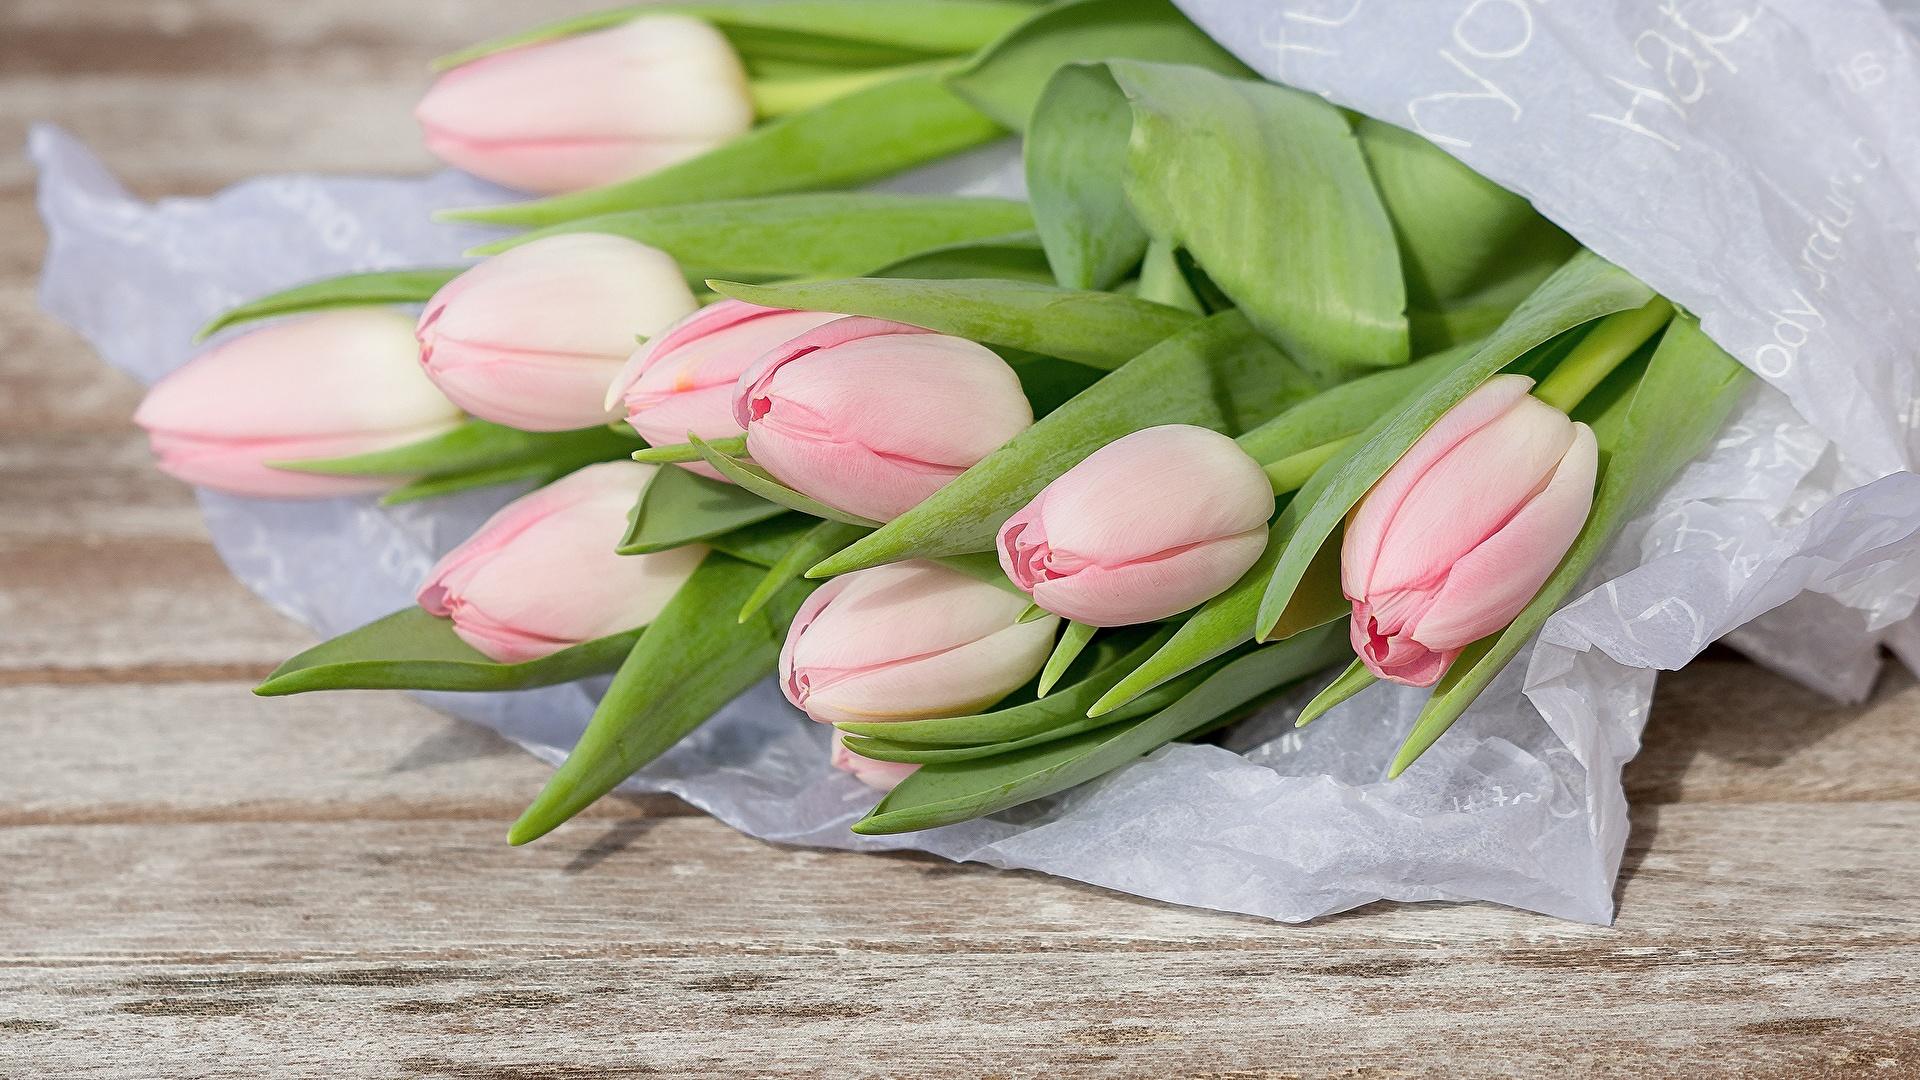 Обои для рабочего стола розовых тюльпан Цветы вблизи 1920x1080 Розовый розовые розовая Тюльпаны цветок Крупным планом